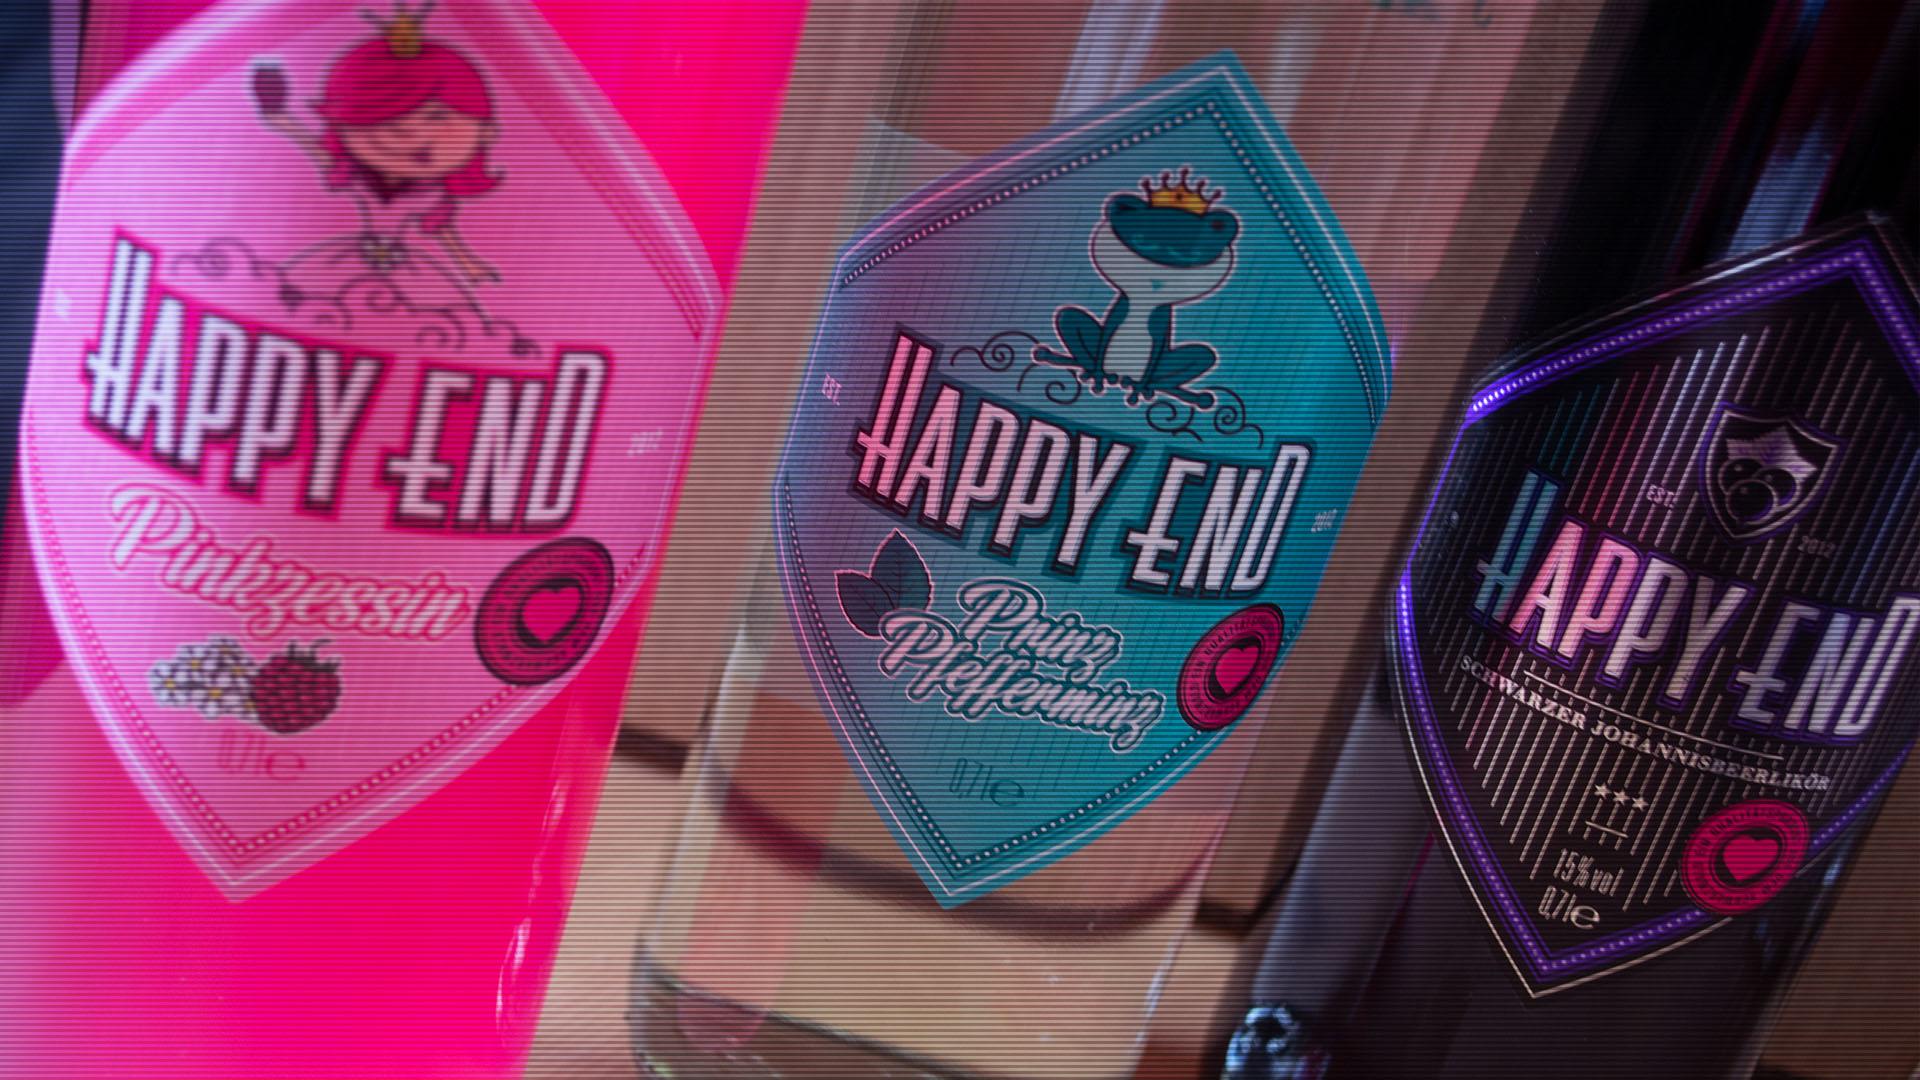 Mila testet: Happy End